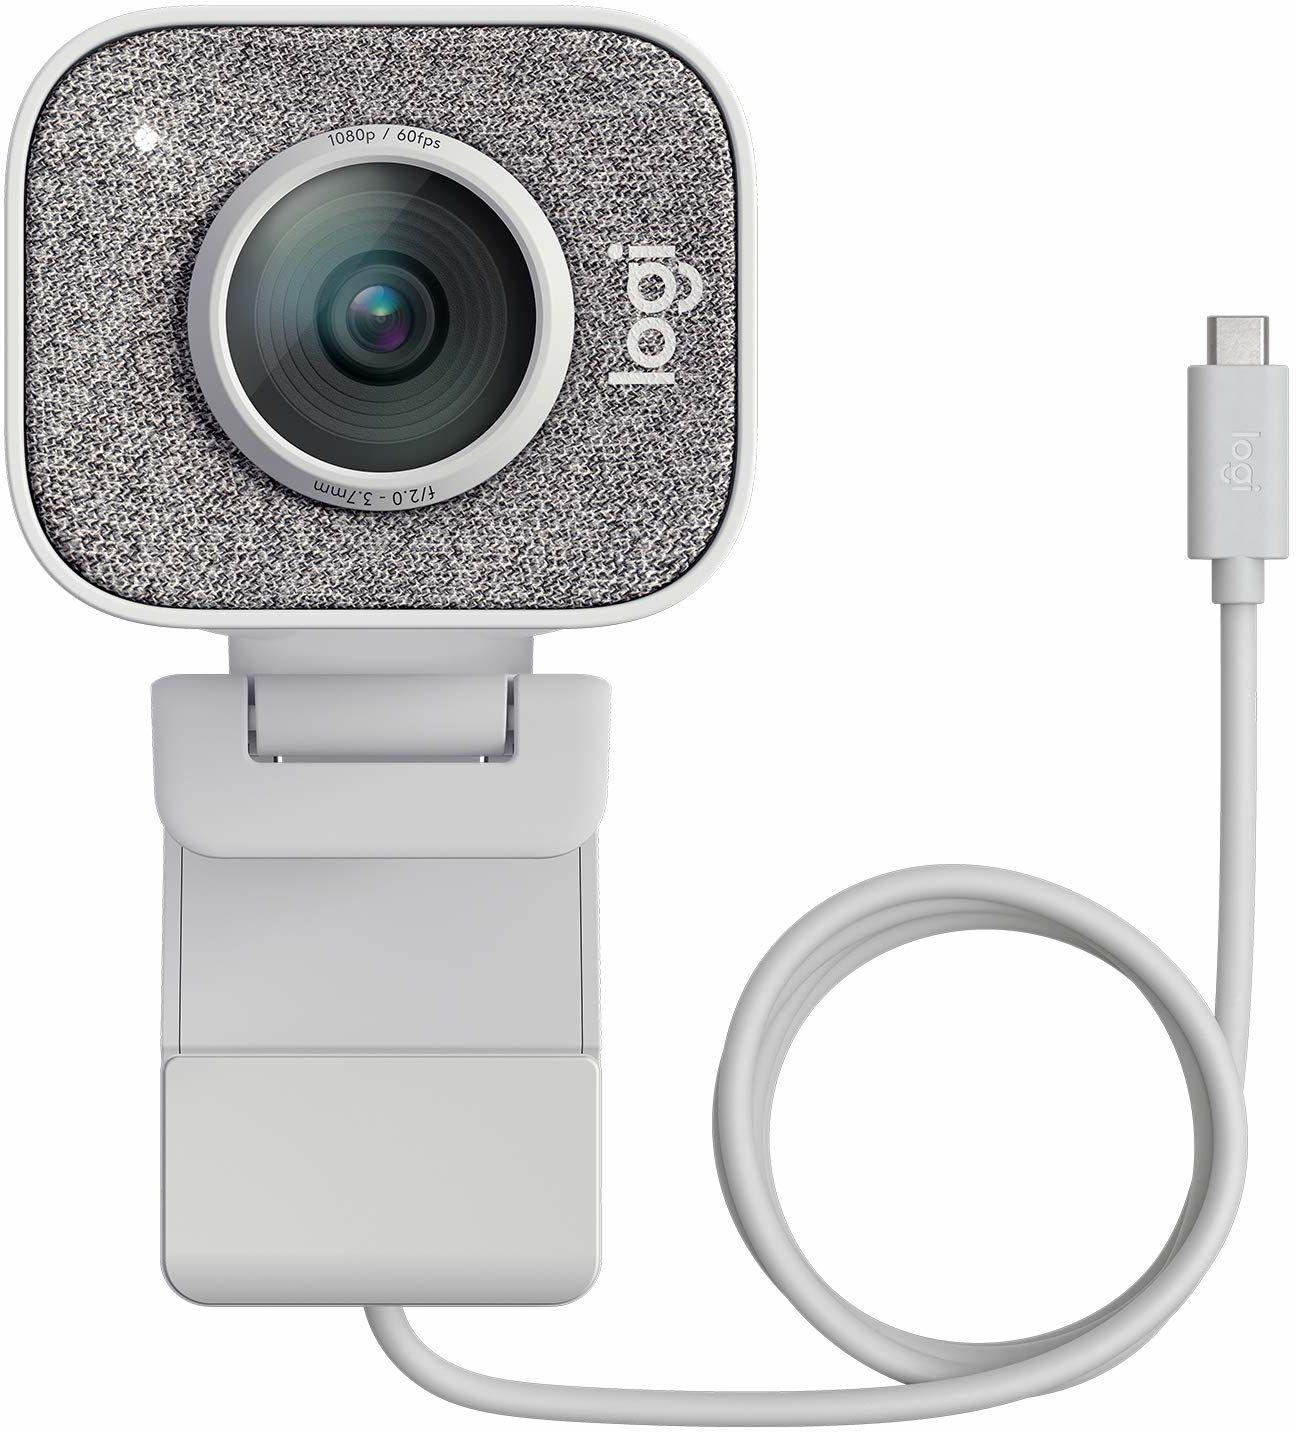 Logitech Streamcam Kamera Full Hd Ze Złączem Usb Typu C Do Przesyłania Strumieniowego Na Żywo I Tworzenia Treści, Pc/Mac - Biały,960-001297